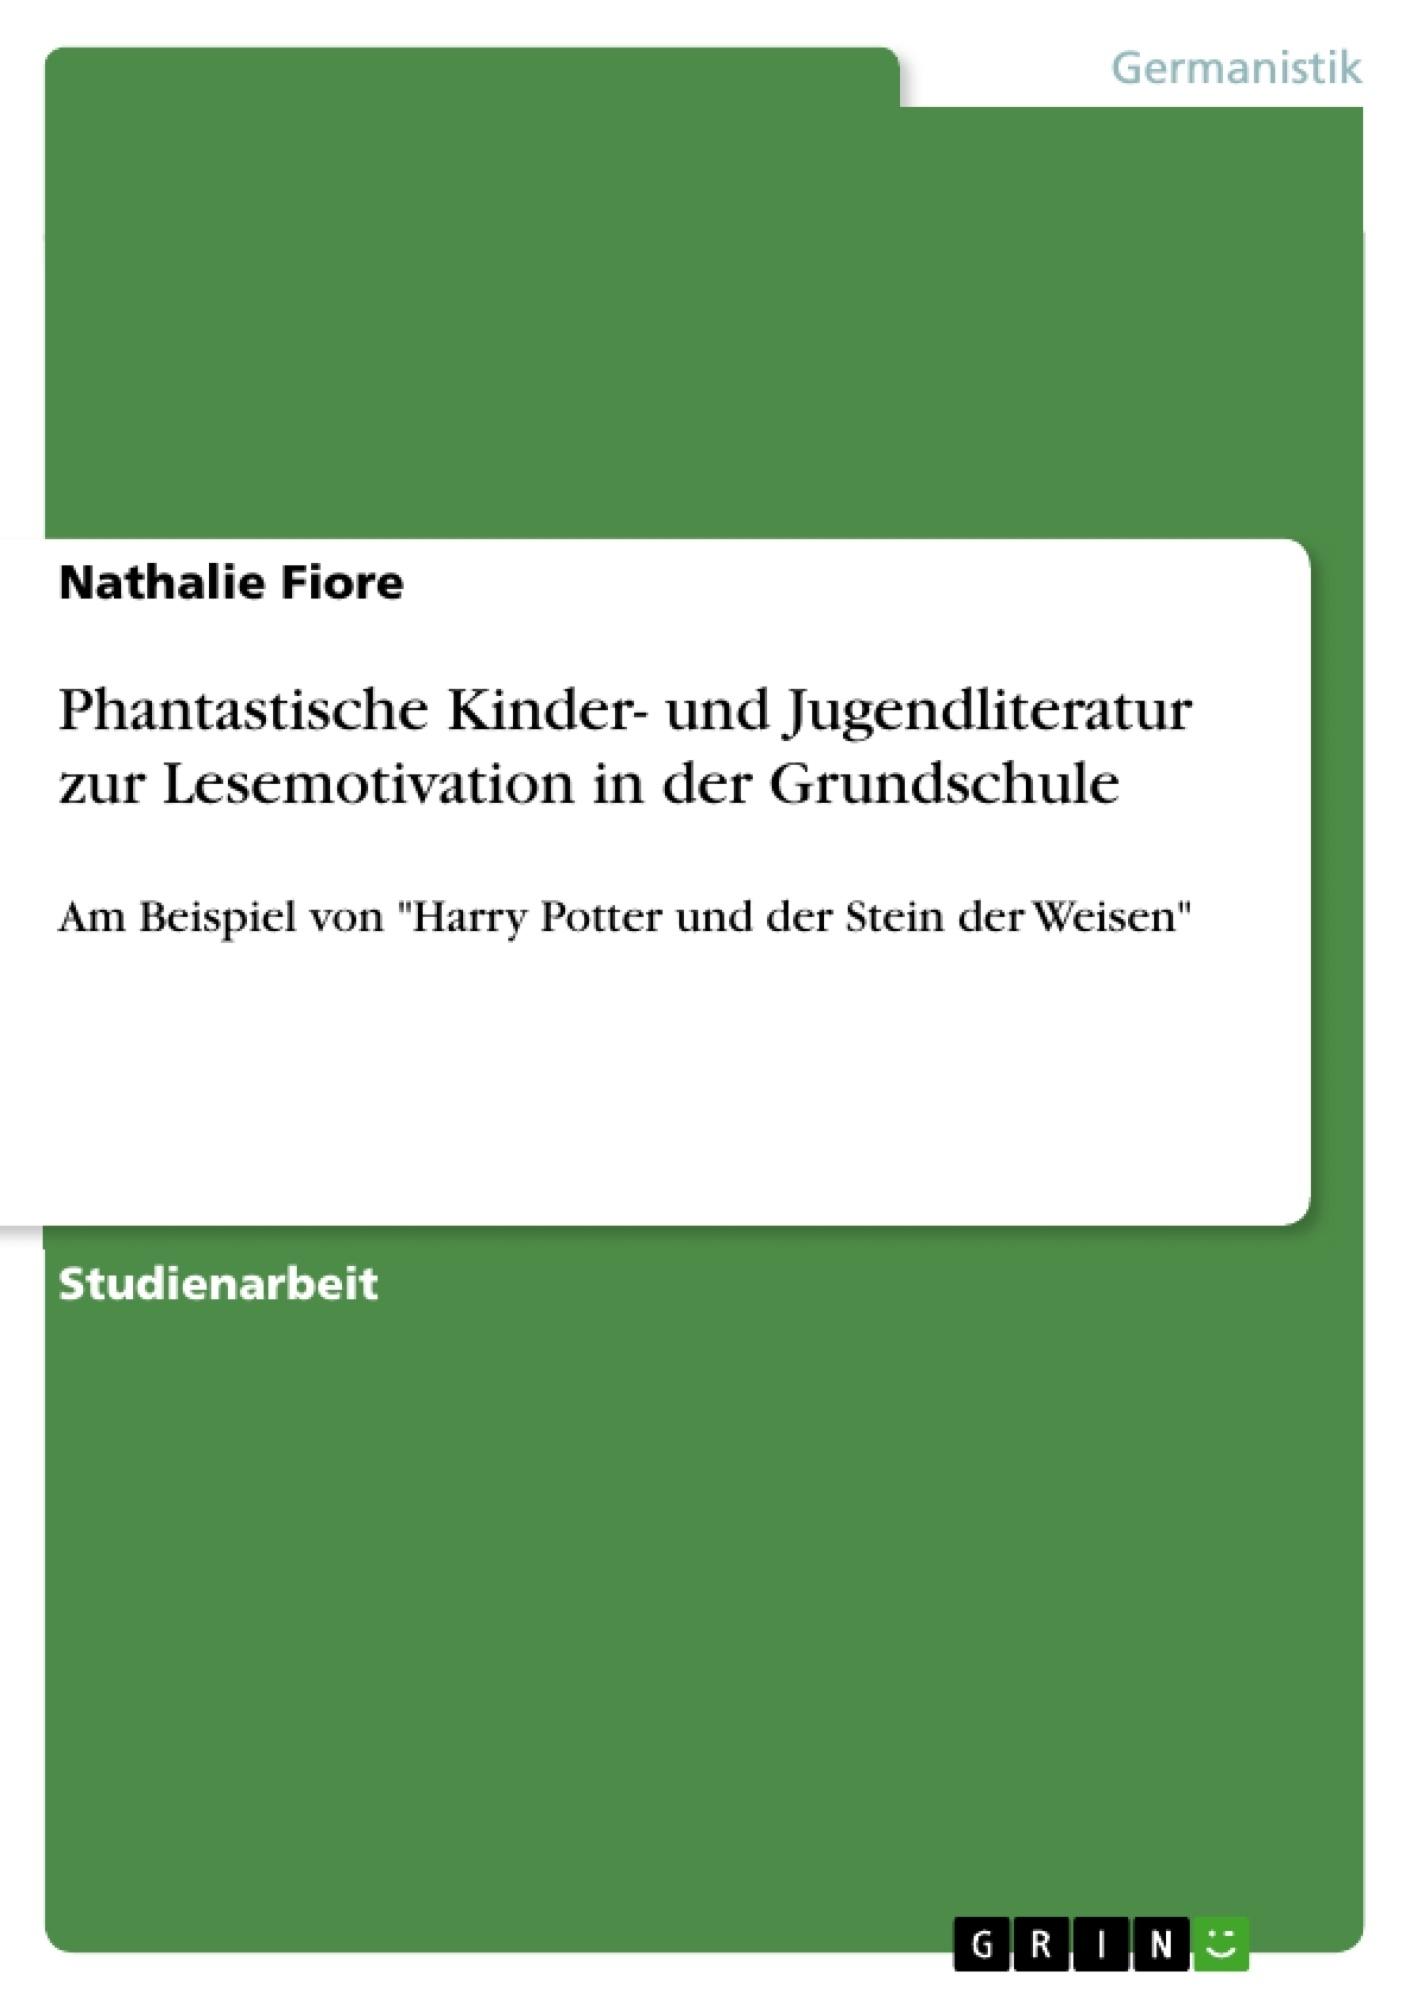 Titel: Phantastische Kinder- und Jugendliteratur zur Lesemotivation in der Grundschule